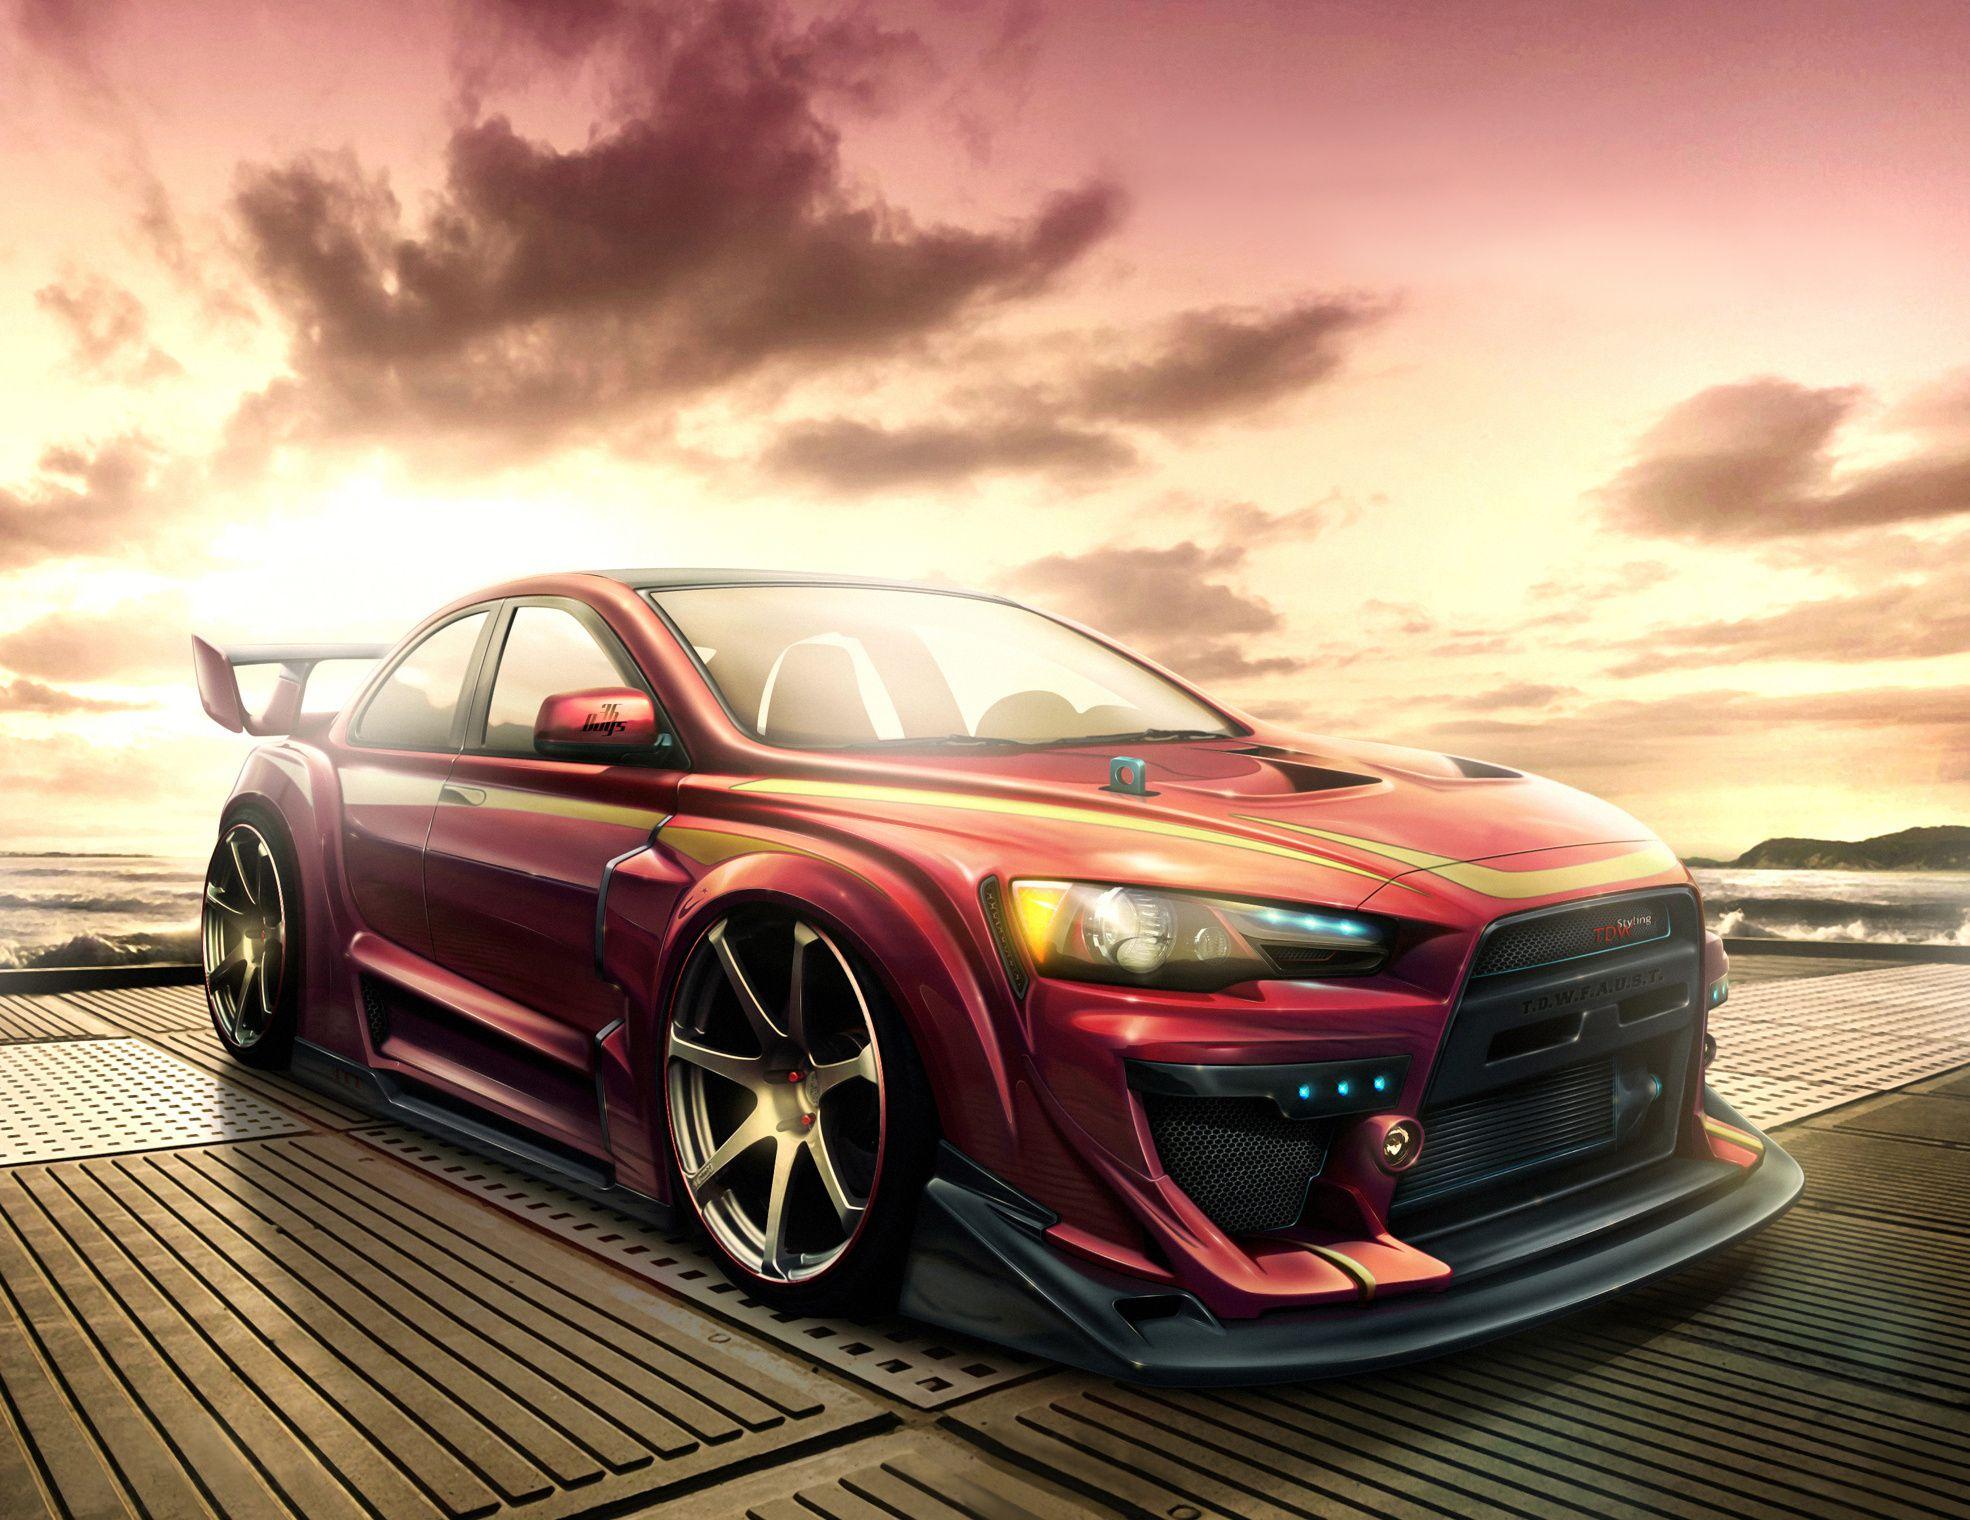 Download Wallpaper Mitsubishi Lancer Evo X Cars Free Desktop With